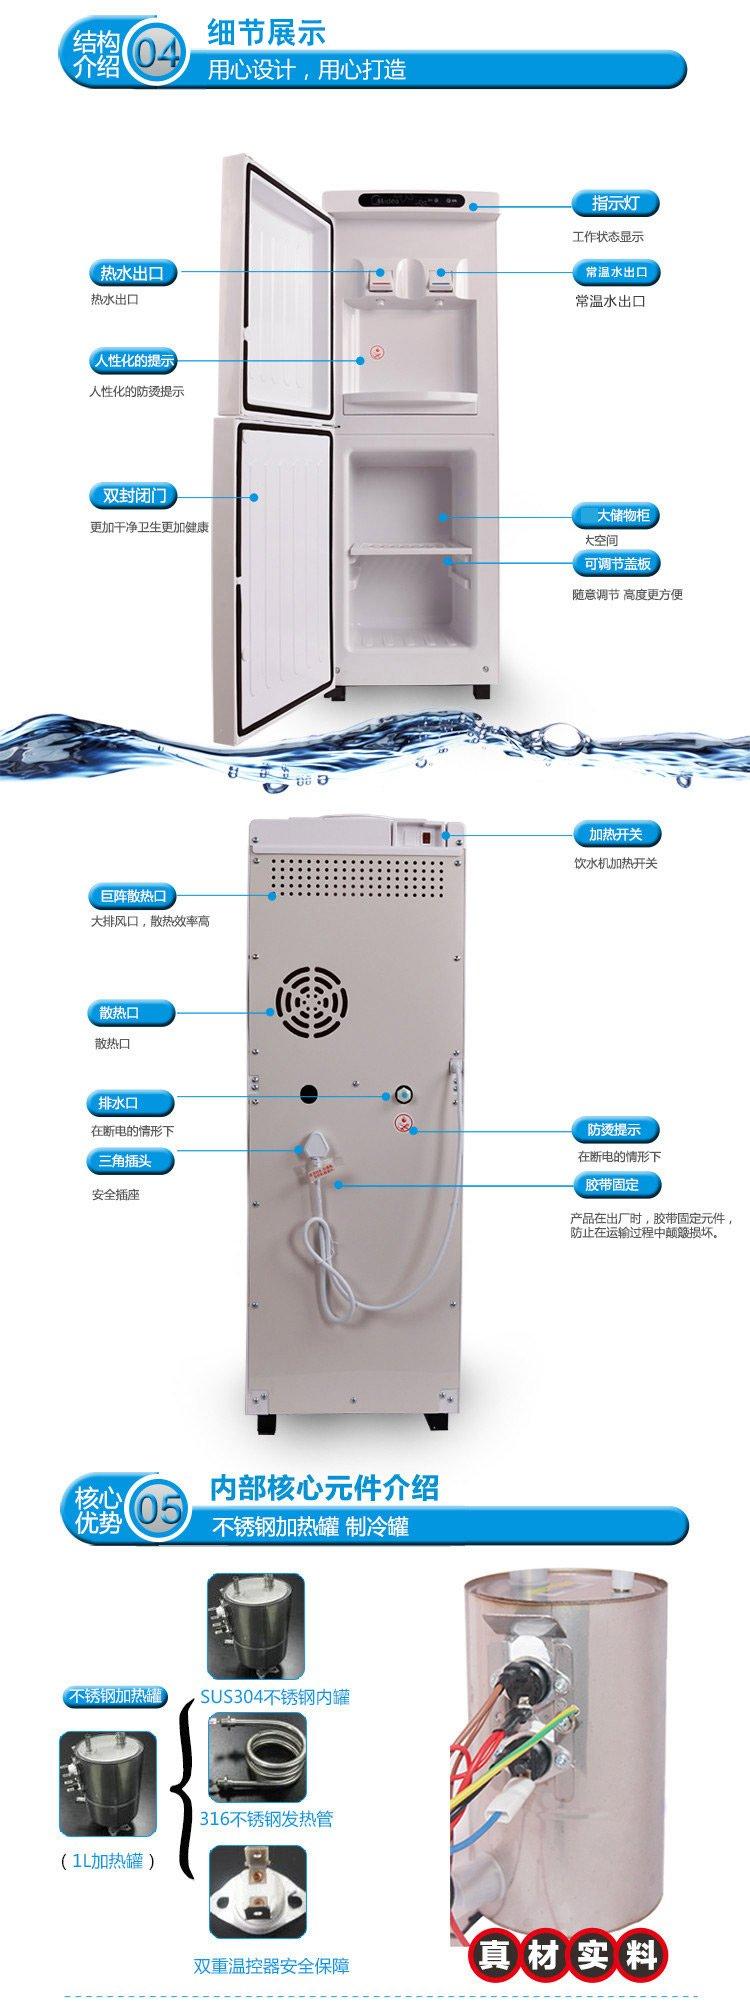 饮水机的功率_Midea美的饮水机MYR927S-W(温热饮水机、上下双封门、大储物柜 ...